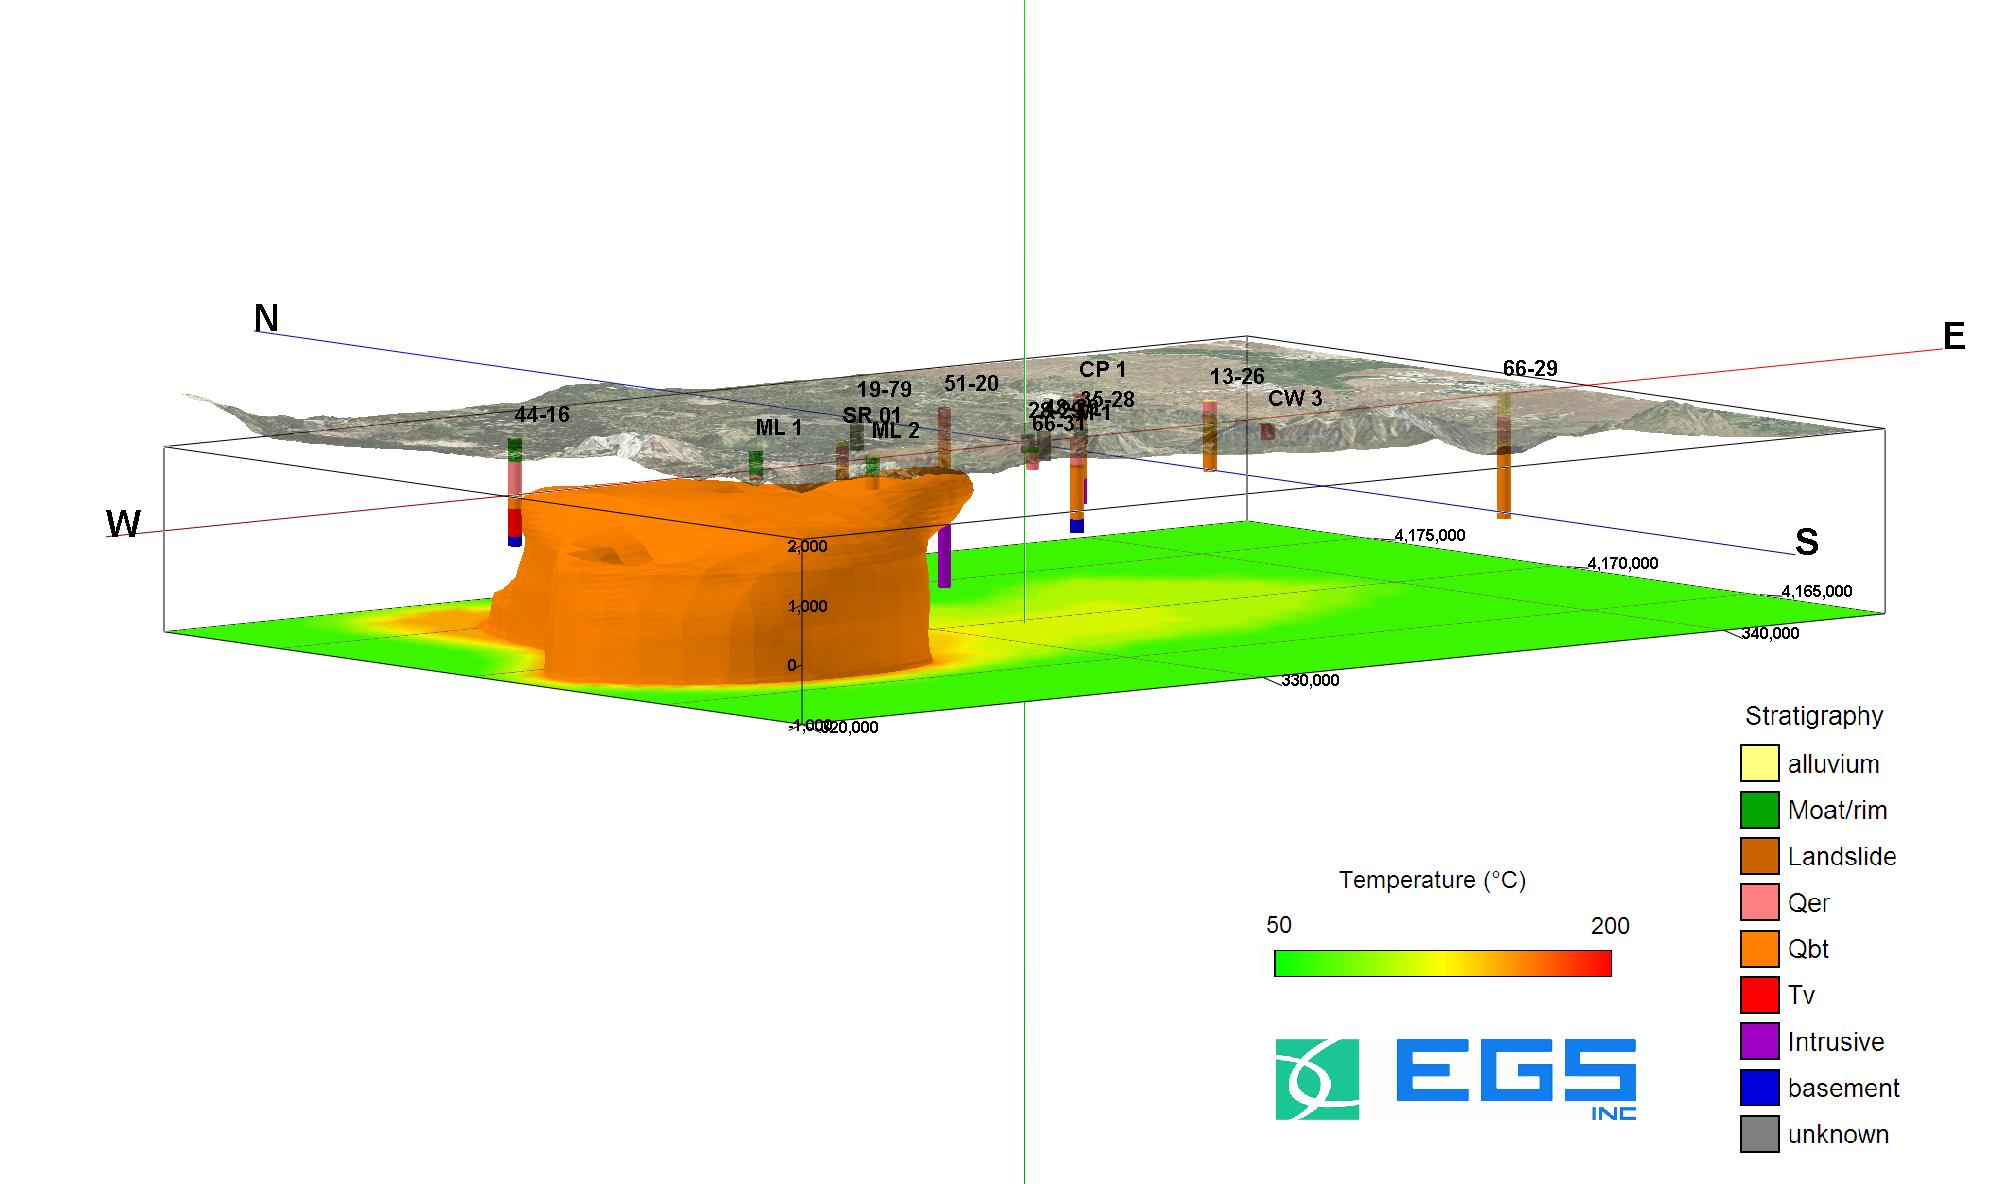 EGS Model Imagery